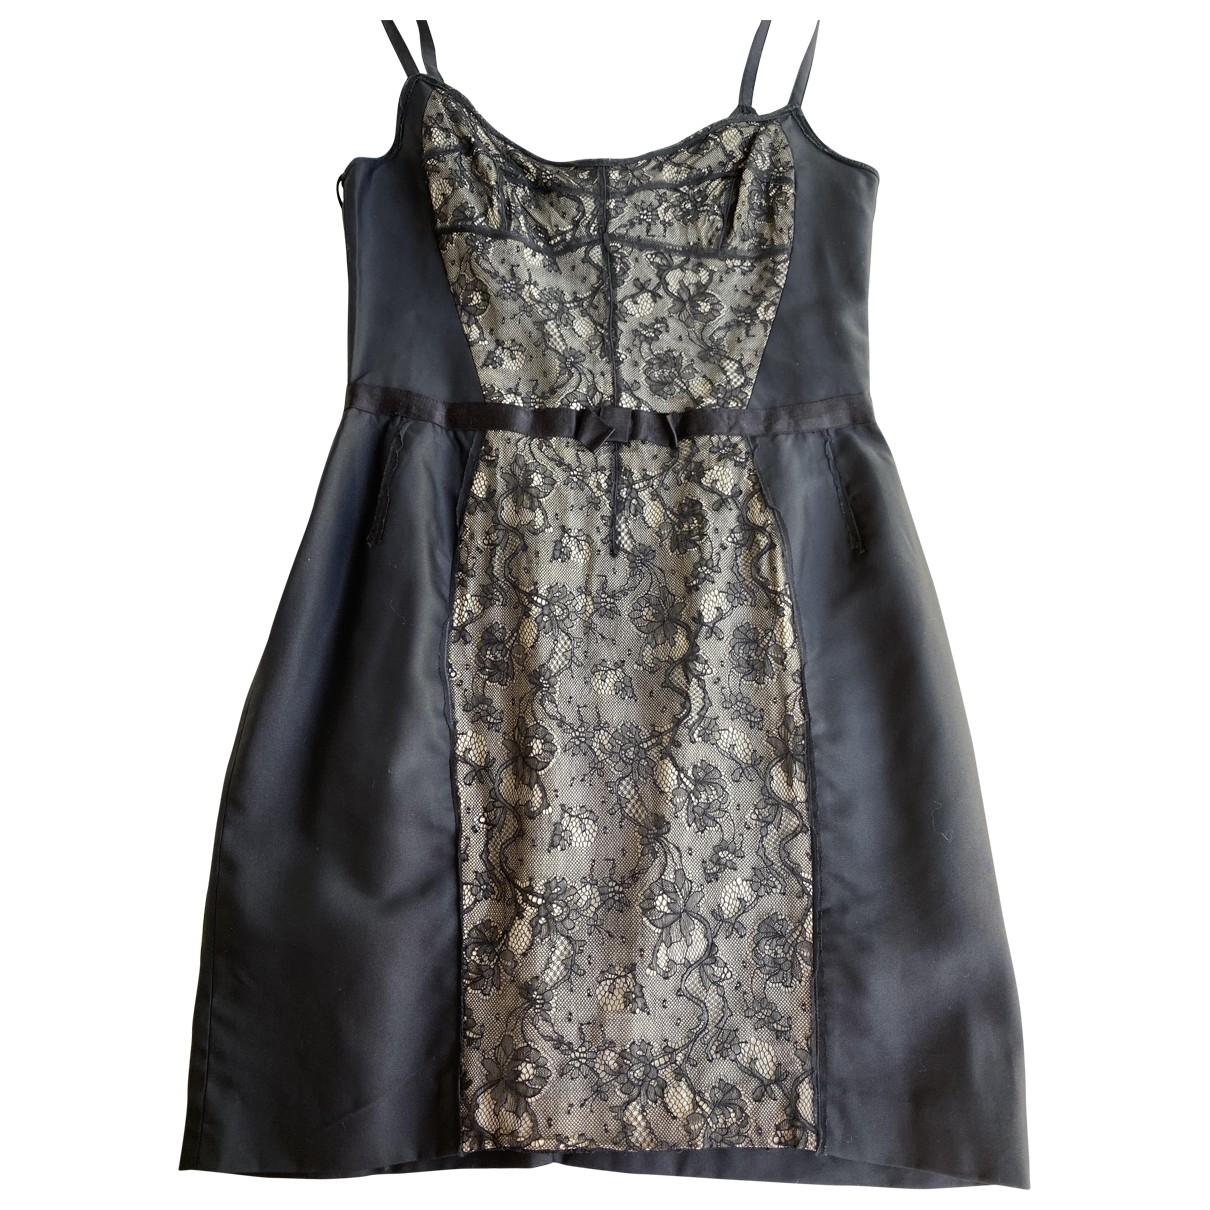 D&g \N Black dress for Women 42 IT